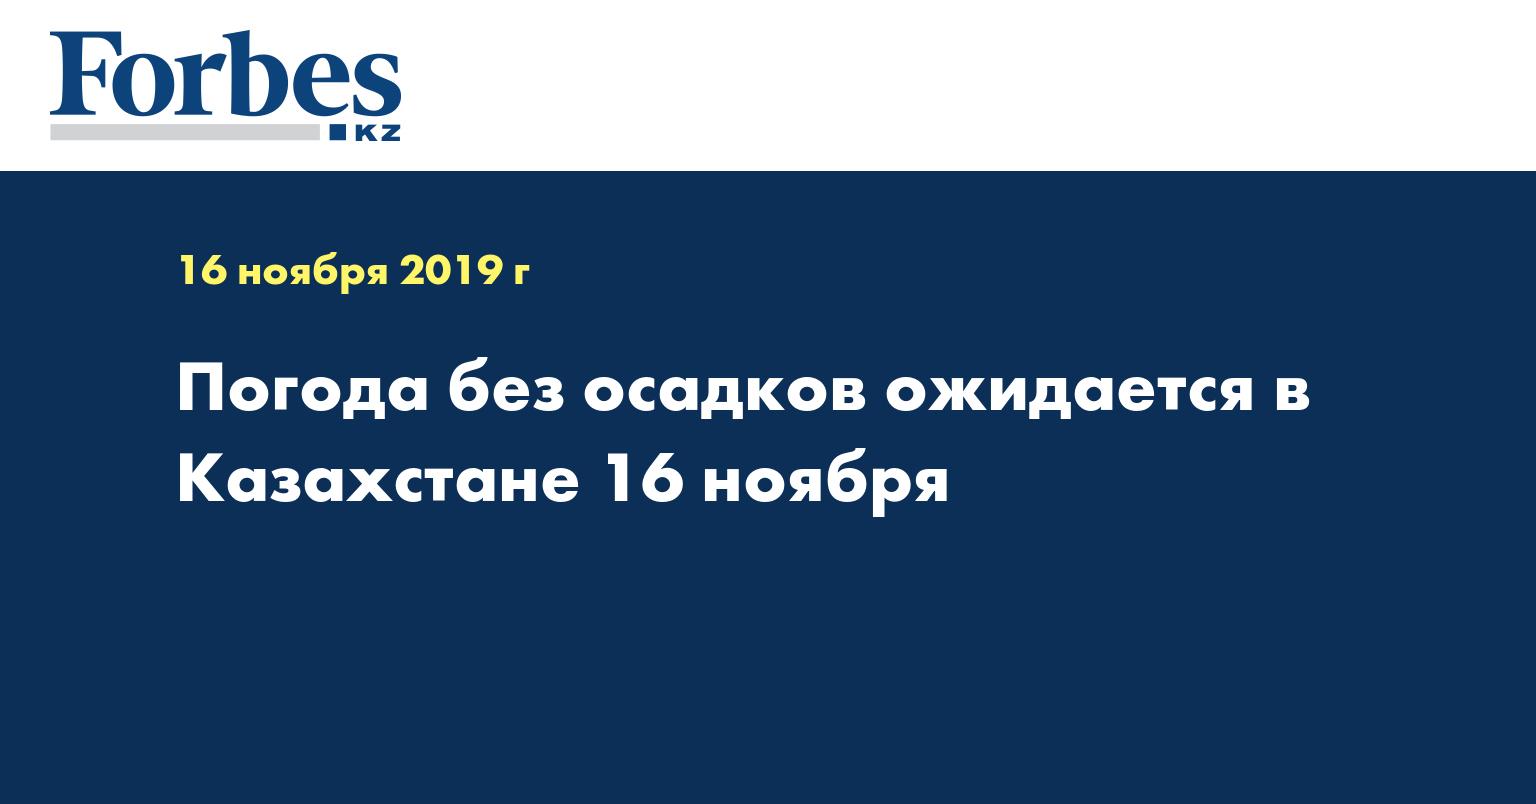 Погода без осадков ожидается в Казахстане 16 ноября